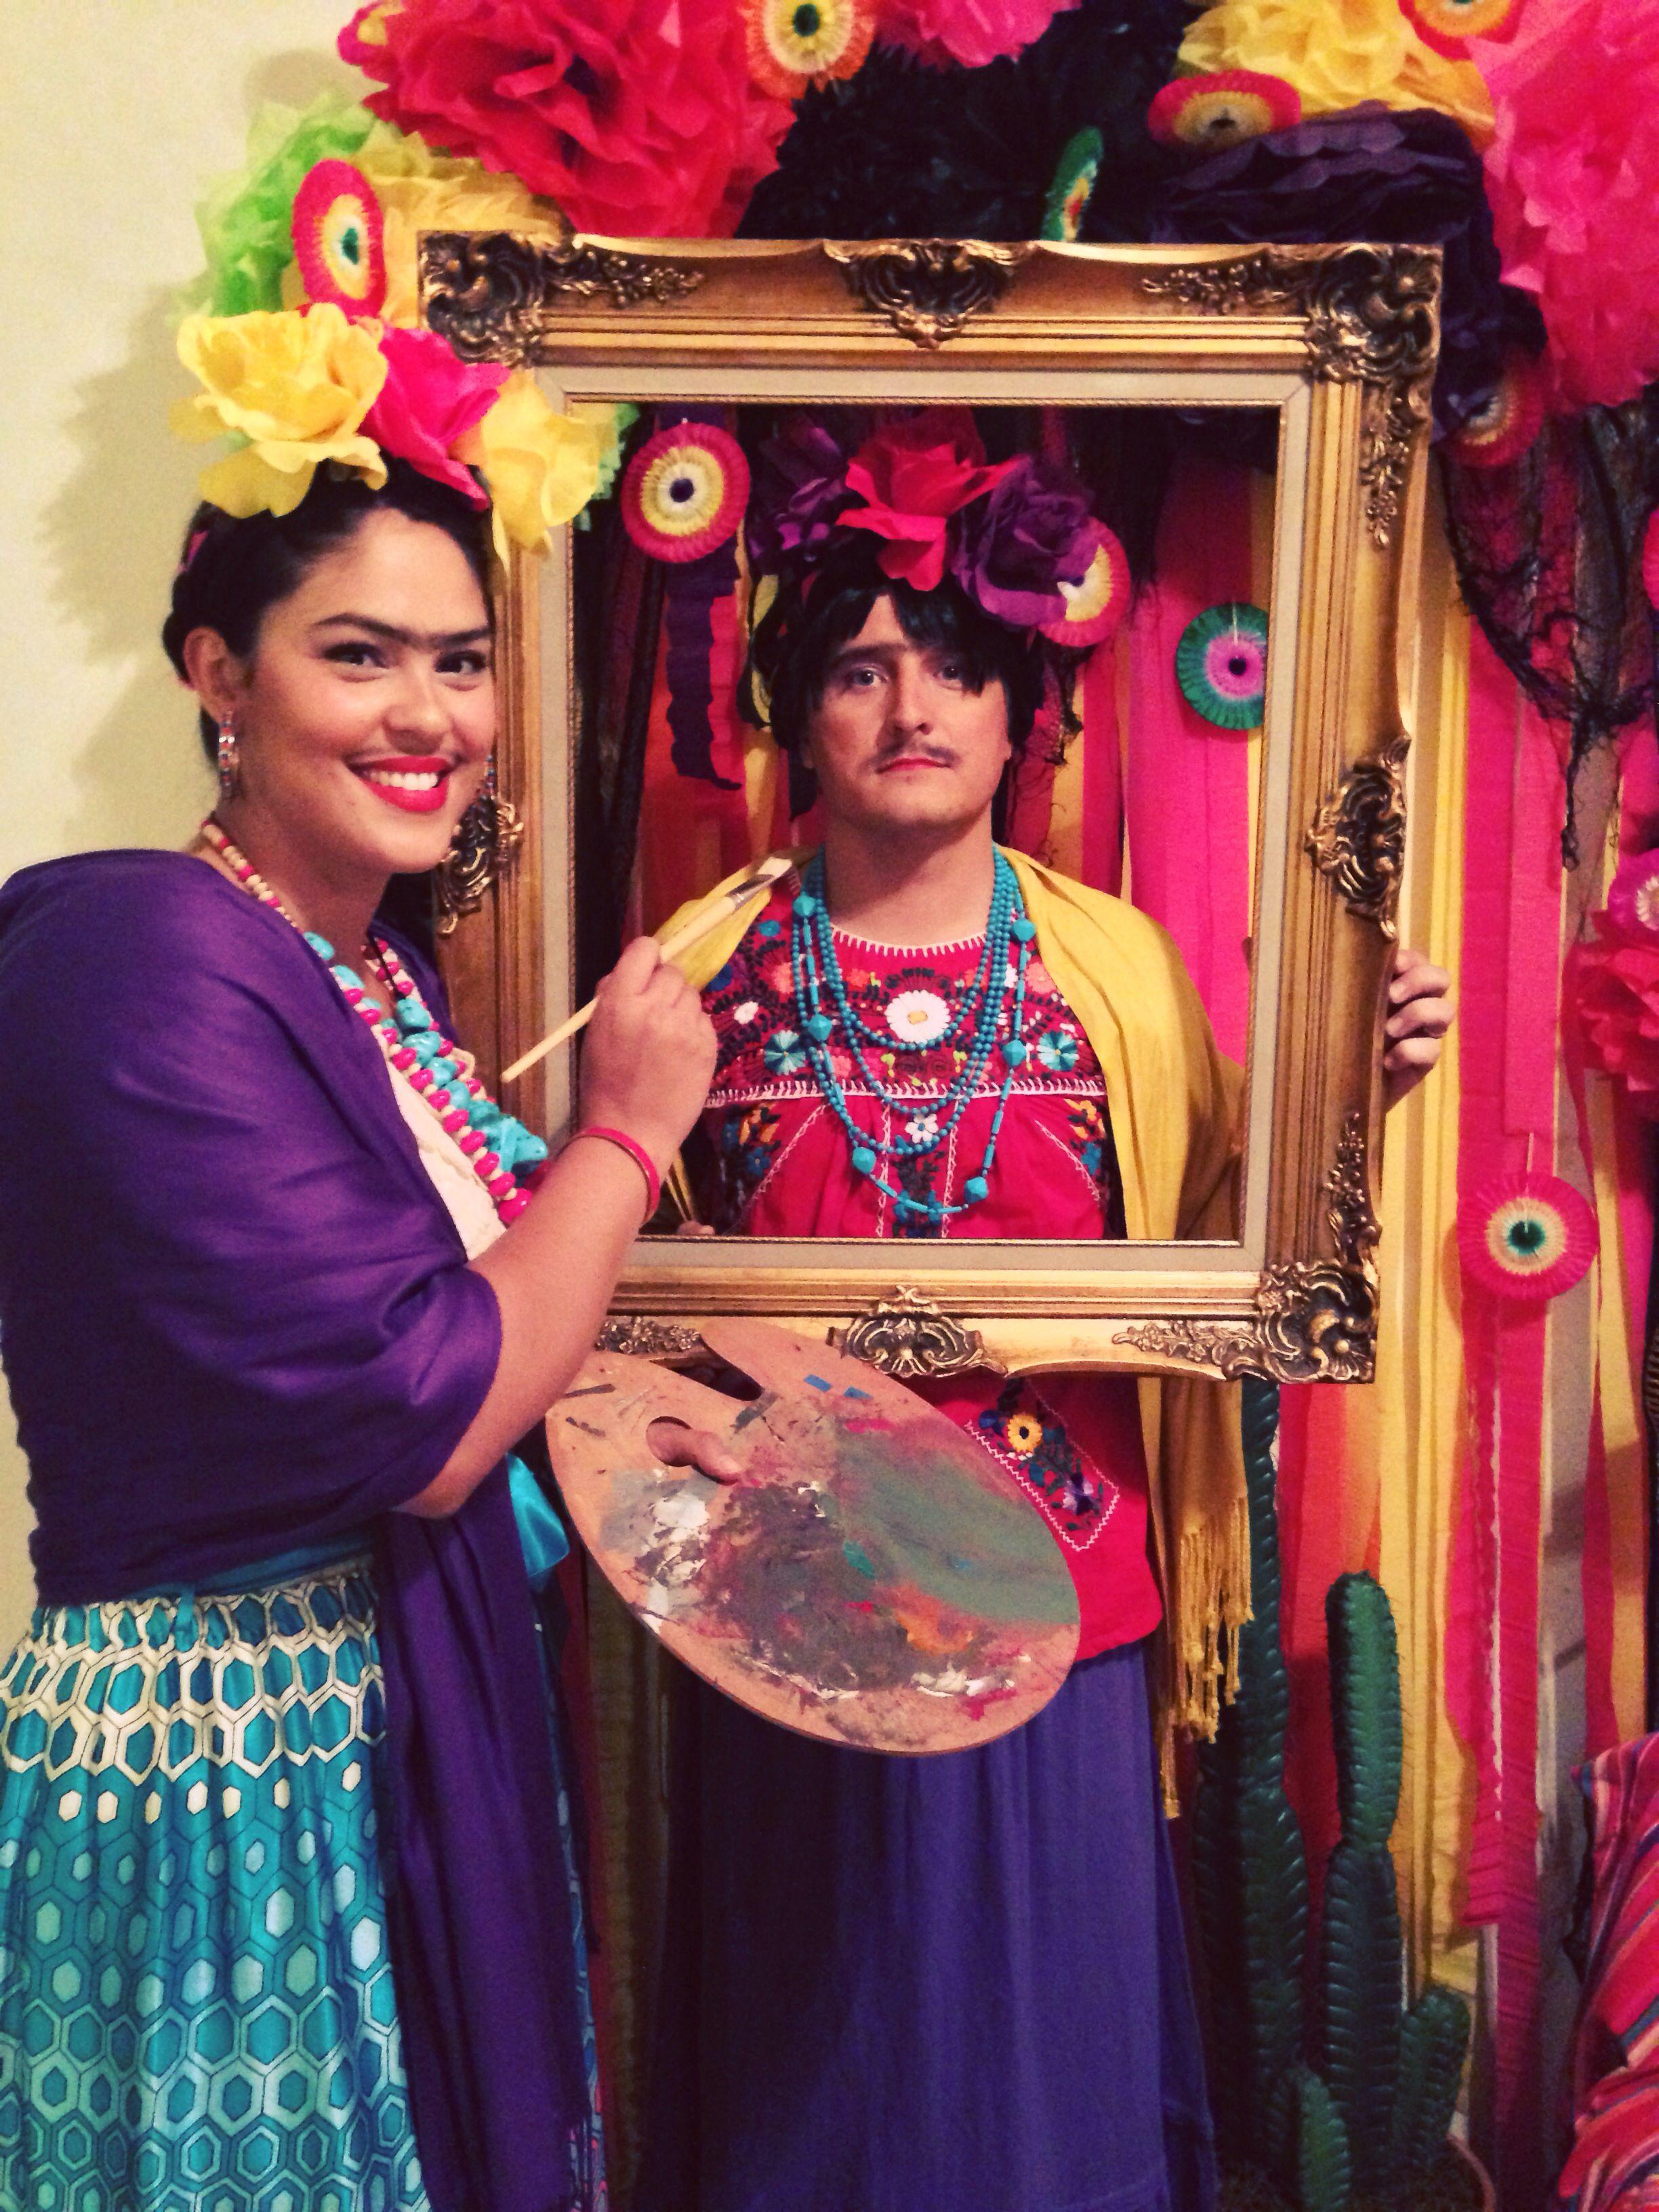 Frida kahlo couple 39 s costume holidays pinterest - Deguisement frida kahlo ...